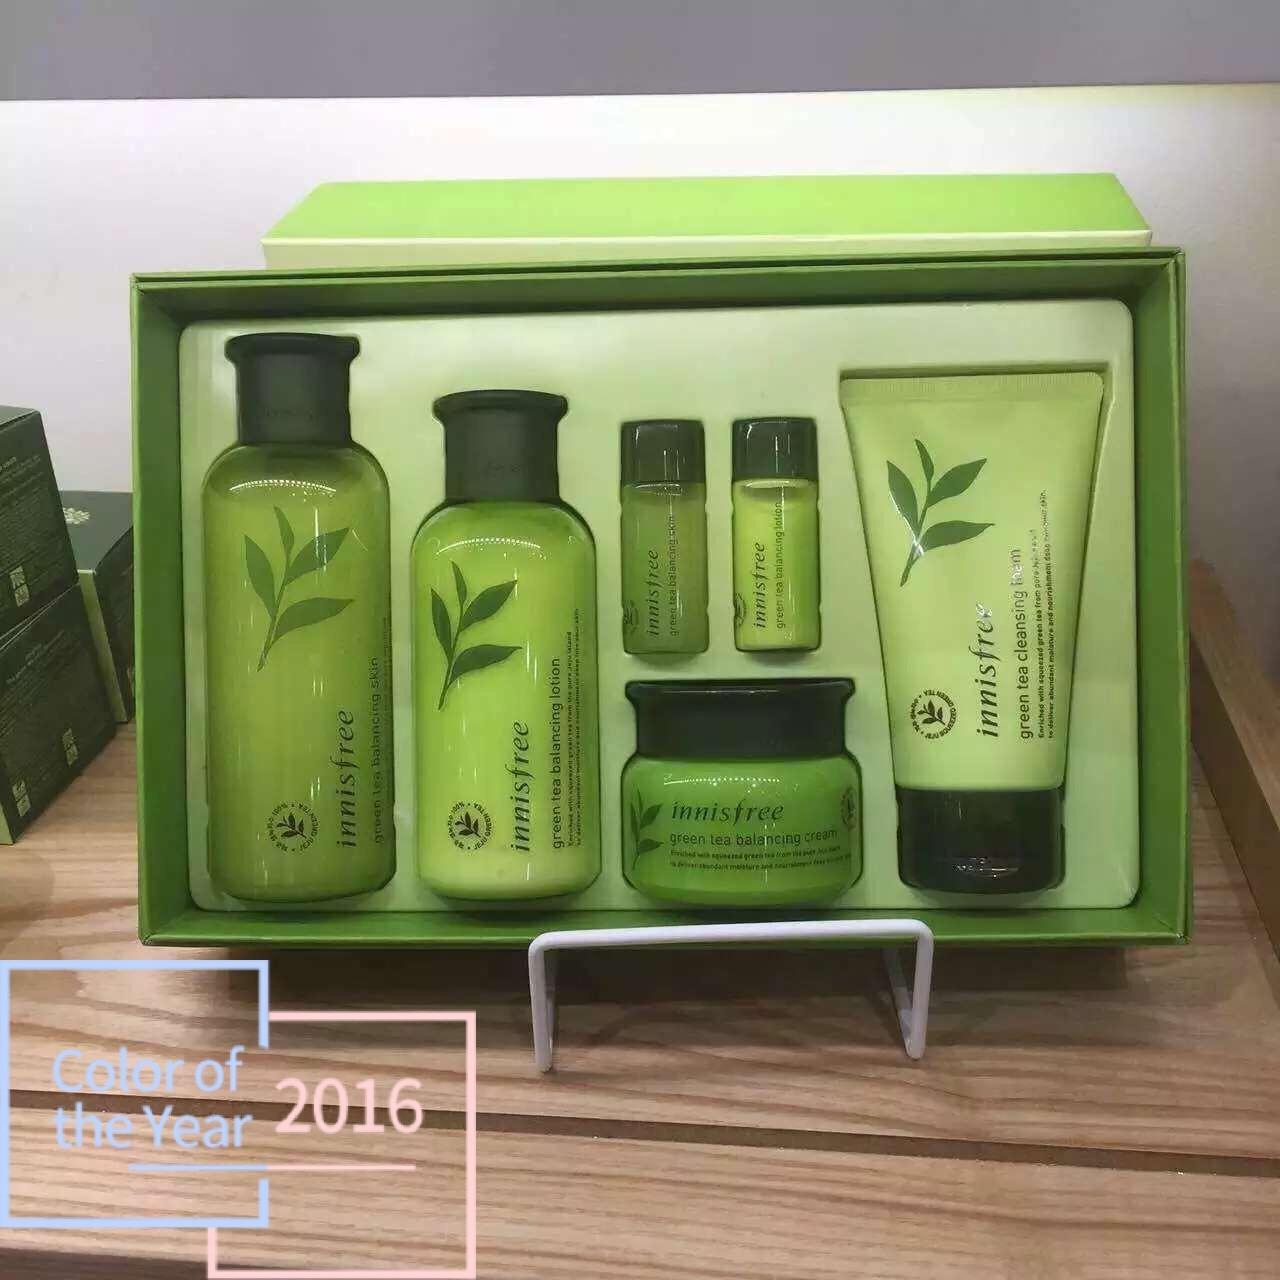 高先生的小可爱悦诗风吟绿茶套盒 水乳洗面奶 面霜 附带赠送的中样水